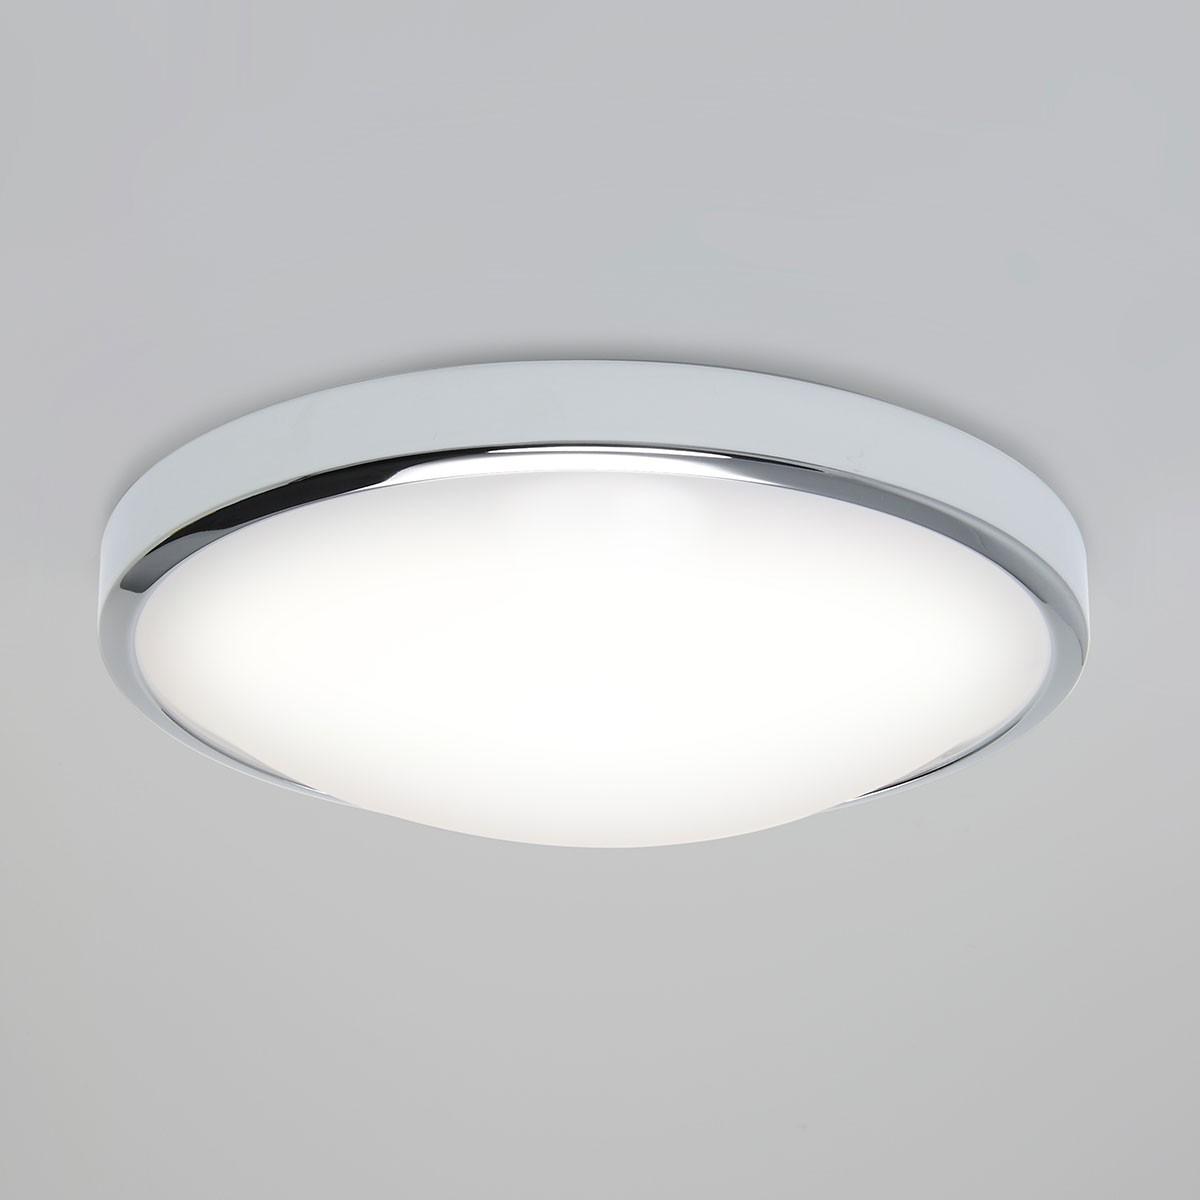 Astro osaka sensor polished chrome led ceiling light with motion astro osaka sensor polished chrome led ceiling light with motion sensor mozeypictures Choice Image